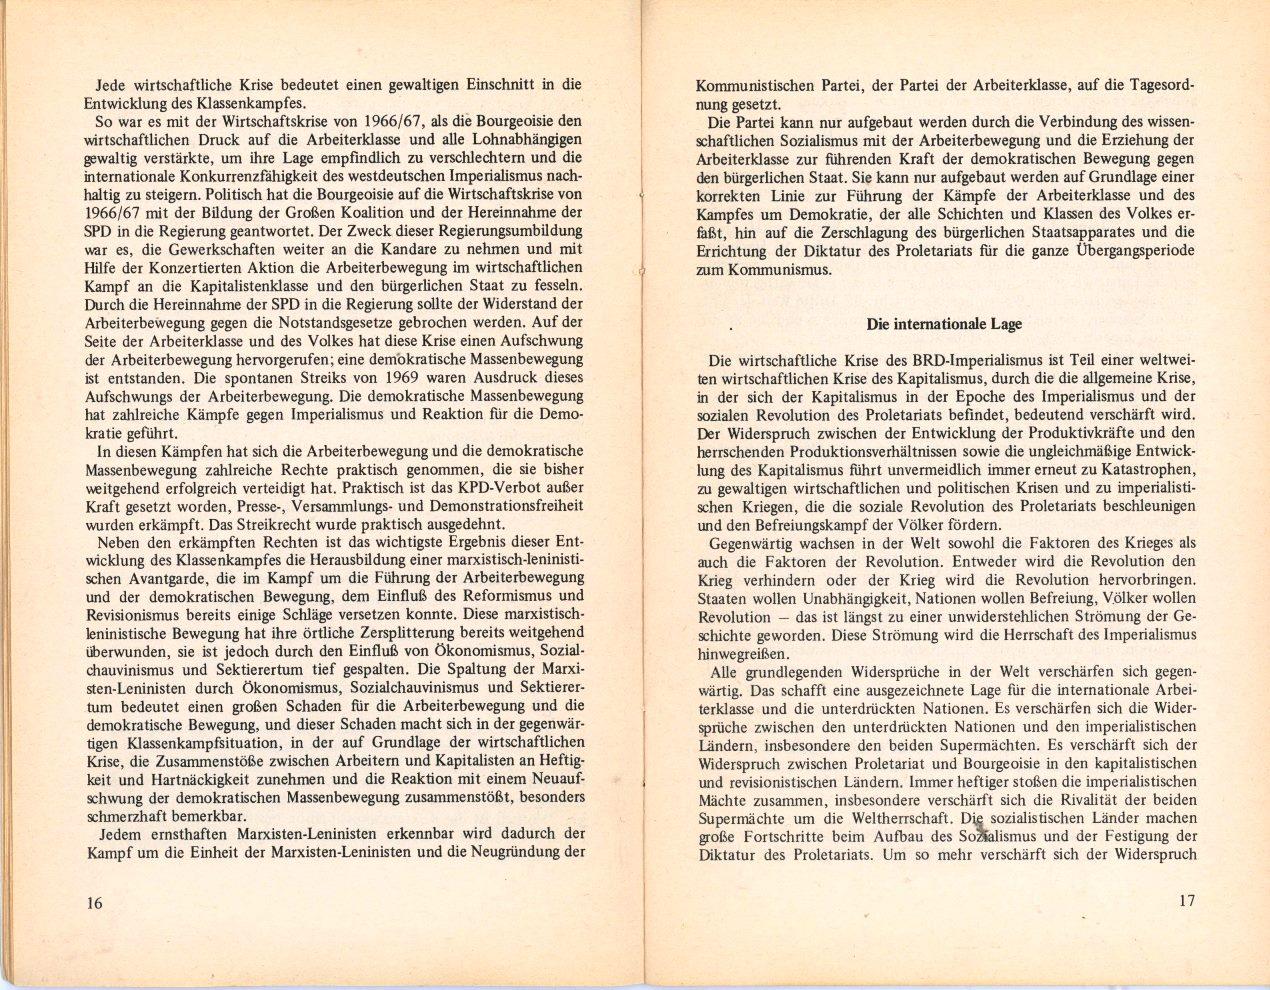 KBW_Materialien_zur_Auseinandersetzung_in_der_mlB_1976_10